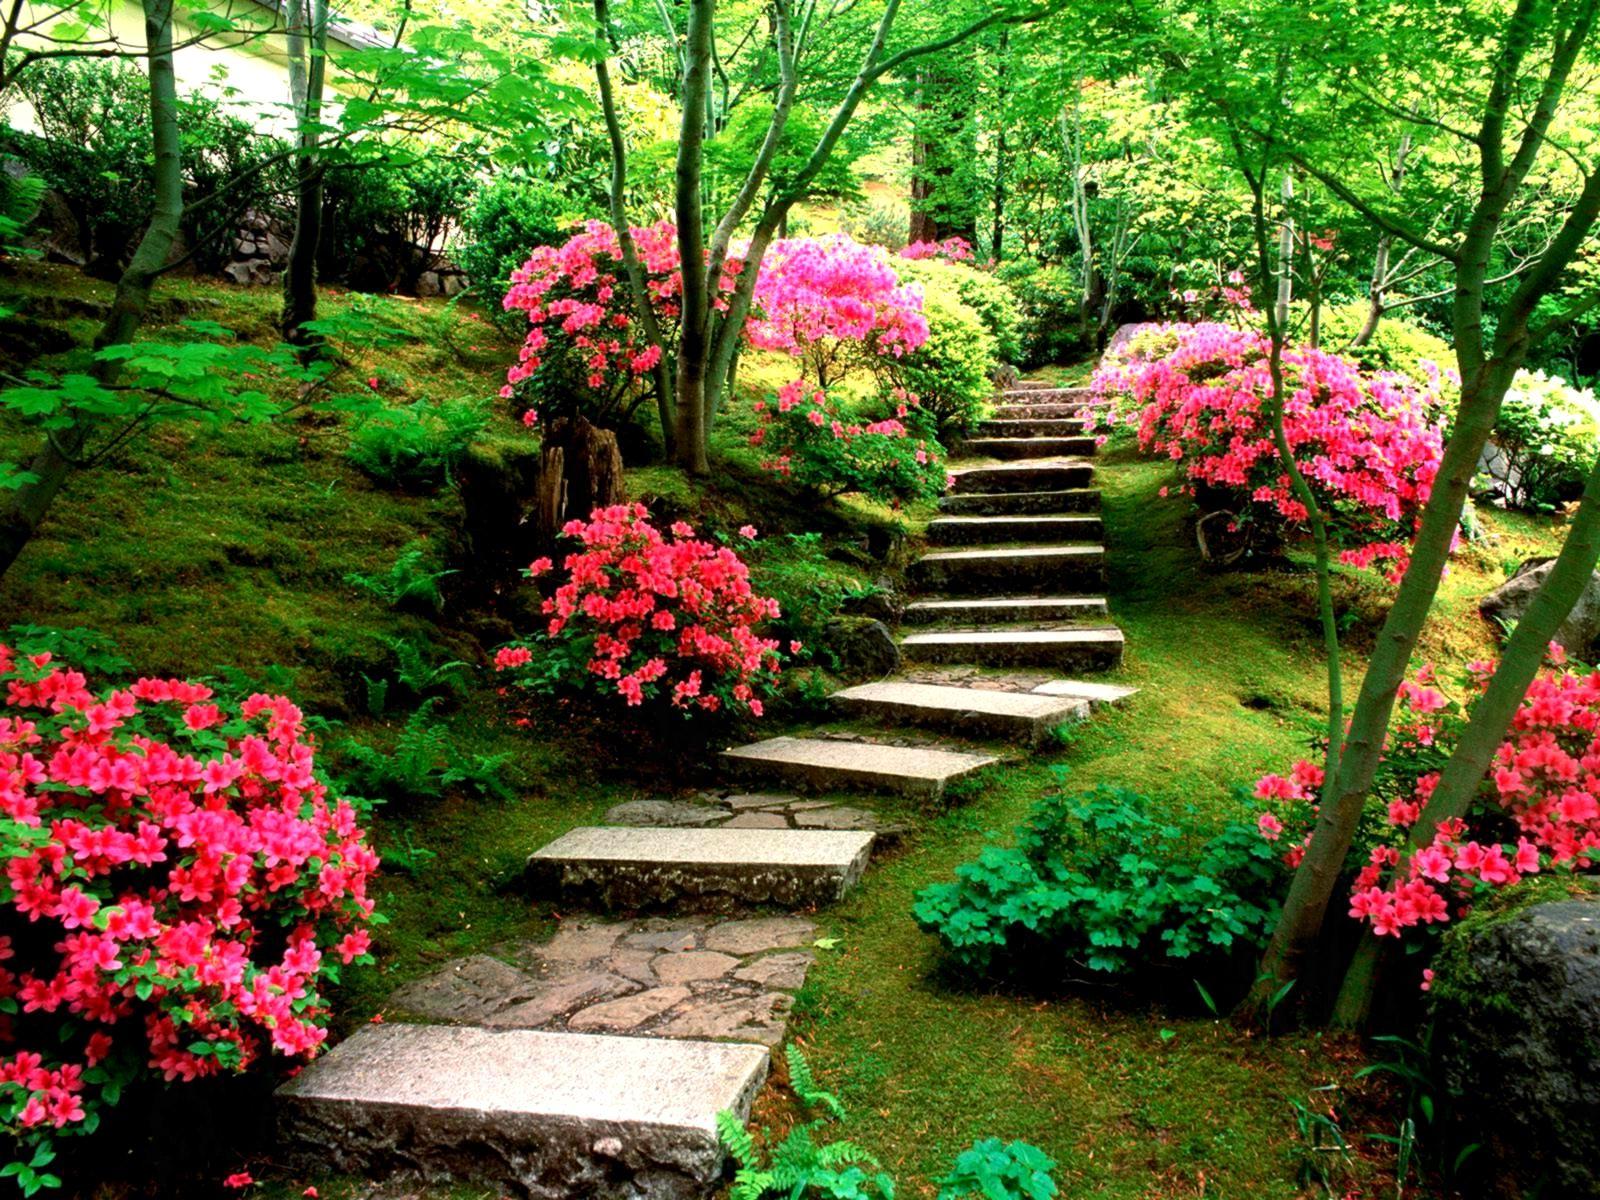 Natural Flower Garden Wallpaper Natural Flower Garden Natural Garden Pic Hd 1600x1200 Wallpaper Teahub Io